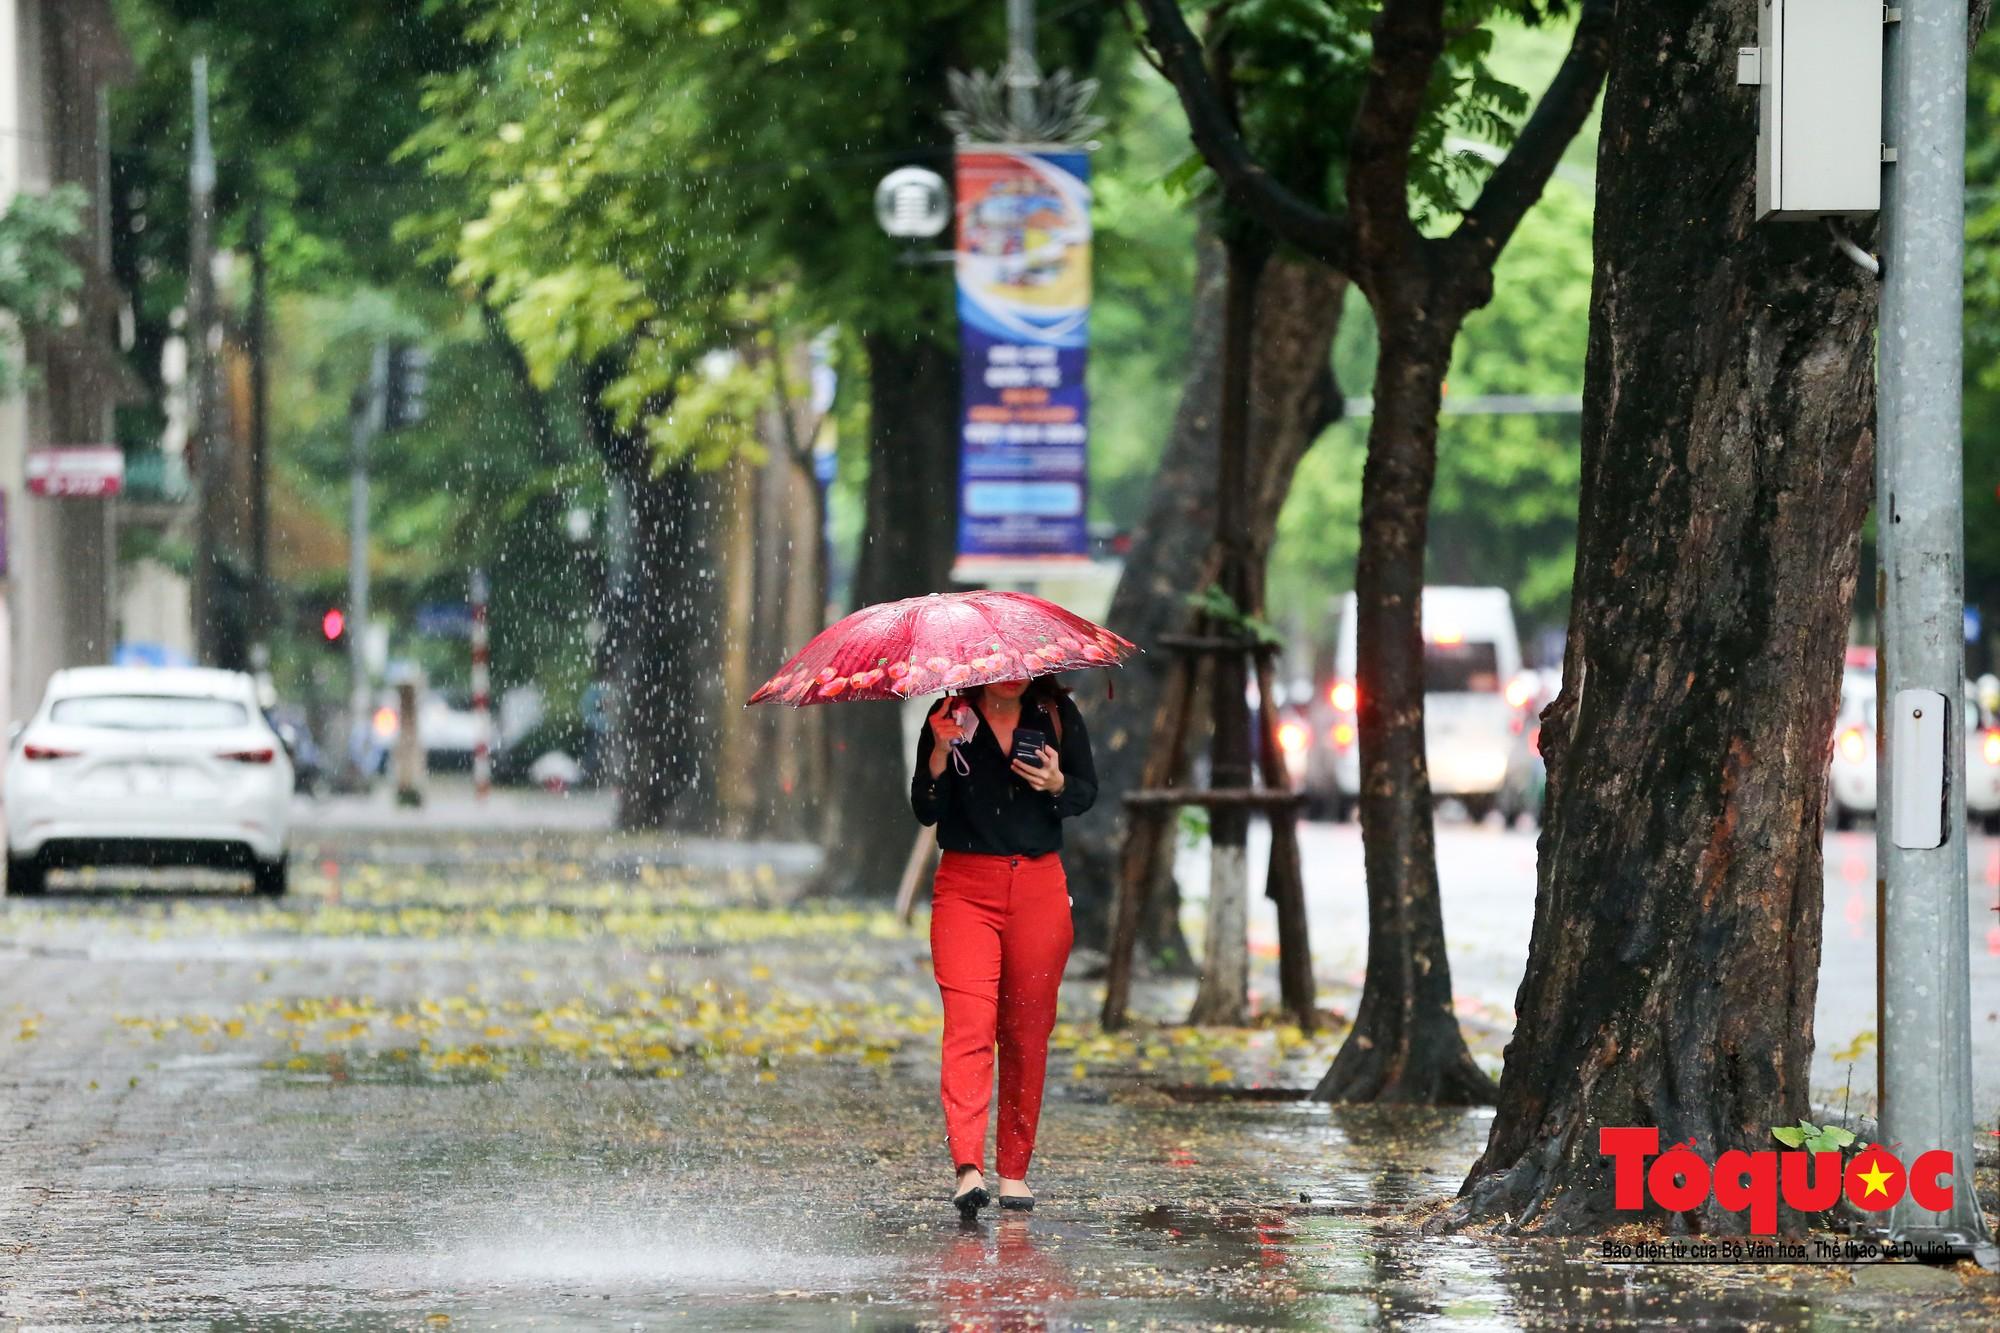 Cơn mưa lớn bất trợt khiến không khí ở thủ đô Hà Nội giảm bụi ô nhiễm nhanh chóng9